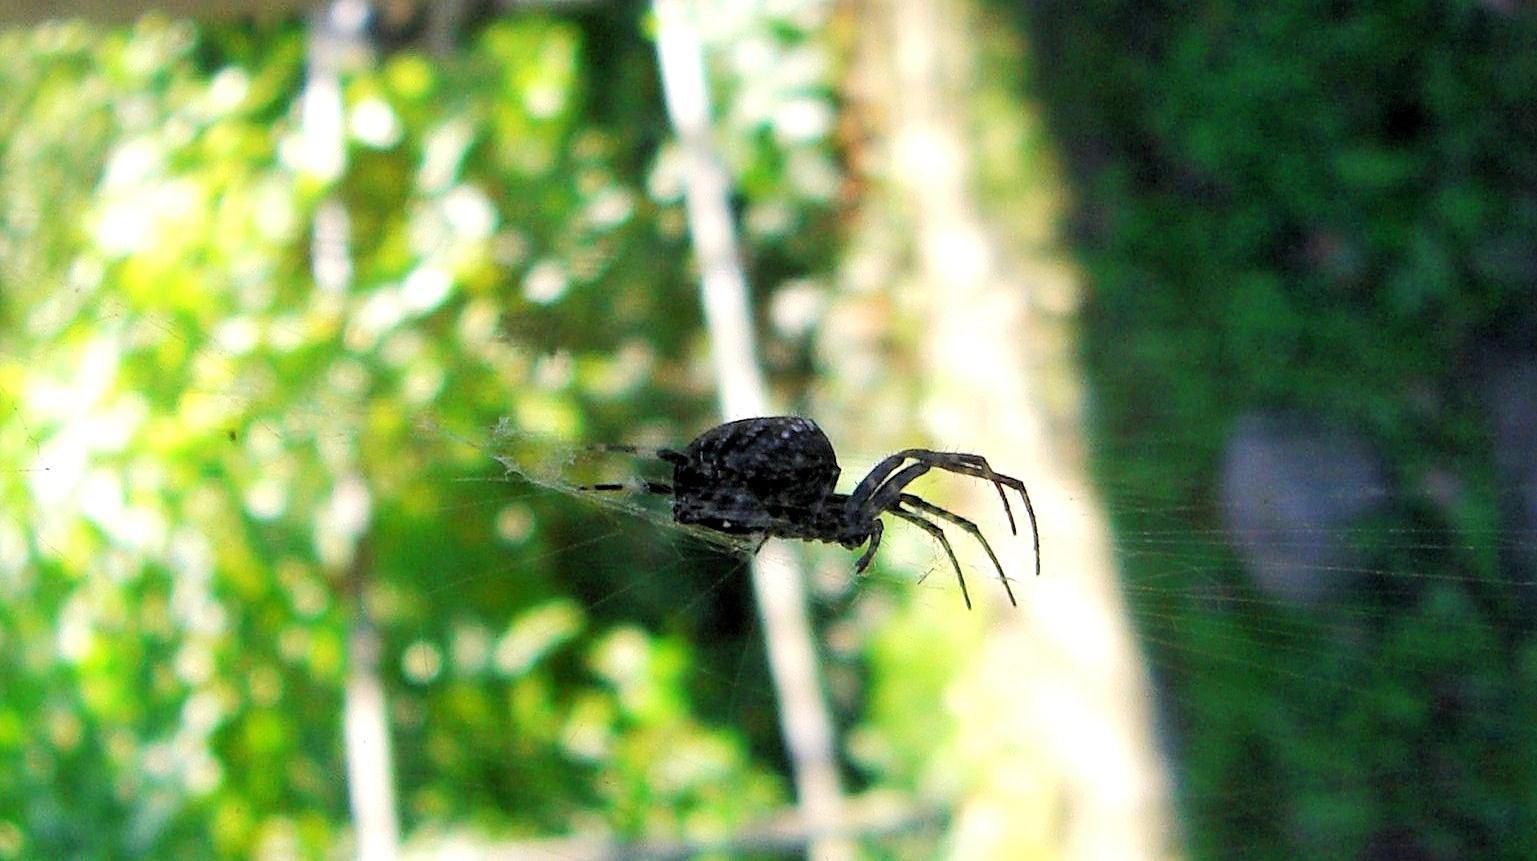 das sind die spinnen, mal sind sie draußen mal sind sie drinnen...